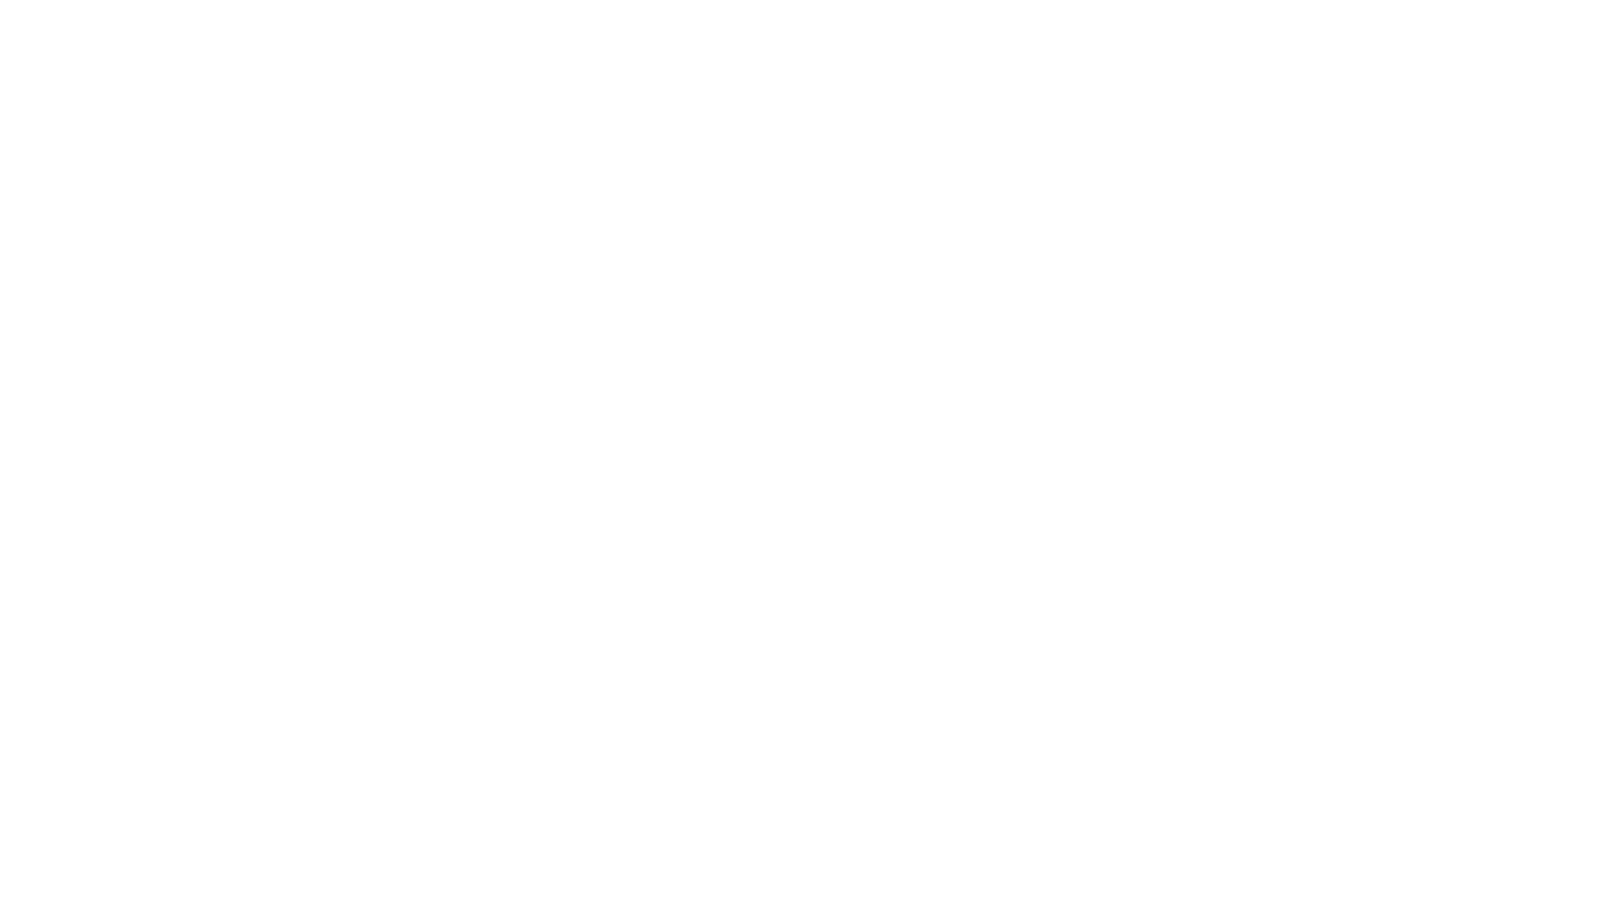 """С 1 по 15 августа! Только в последний час! «Строитель» в вашем городе! Добавляет 5% бонусами на карту! Южная, Кременная, Сватово, Рубежное и Лисичанск  Бонусный час в «Строителе»! Работе - время, покупкам - час!  * Акция действует на все товары, кроме товаров с зелеными ценниками, на покупки совершенные в последний час работы магазина:  Рубежное и Лисичанск - с 18.00 до 19.00, Сватово, Кременная - с 17.00 до 18.00,  р-н Южная - с 16.00 до 17.00.  Телефон для заказов и предложений: 0-800-219-900 (звонки бесплатные с городских и мобильных в Украине).   Ждём Вас в наших магазинах: Рубежное: ул. Мира, 27;  р-н Южная, пер. Тимирязева, 4 Кременная: ул. Банковая, 3-а Лисичанск: ул. Григория Сковороды, 125 (район «Сильпо») Сватово: пл. Привокзальная, 6  Вступайте в сообщество """"СТРОИТЕЛЬ"""" в Viber https://bit.ly/3esoug7   В сети супермаркетов «Строитель» вы можете купить: • кирпич, брус, ДВП, ДСП, ОСБ, QSB, • материалы для кровли (профнастил, металлочерепица, шифер), • металлопрокат, • системы утепления (пенопласт, пенополистирол, минеральная вата), • гипсокартон плюс комплектующие, • сухие смеси, • двери входные и межкомнатные, • лакокрасочная продукция, обои, • электроинструмент, сантехника ведущих производителей, • спецодежда, товары хозгруппы; и еще 90 000 наименований товаров.  Индивидуальный подход к каждому клиенту и отлаженная логистика сделают наше сотрудничество долгосрочным и продуктивным.  Наш сайт: http://stroitel.org.ua/  Facebook: https://www.facebook.com/stroitelorgua  Instagram: https://www.instagram.com/stroitel11  ВКонтакте: https://vk.com/stroitelorgua Youtube: https://www.youtube.com/stroitelorgua"""